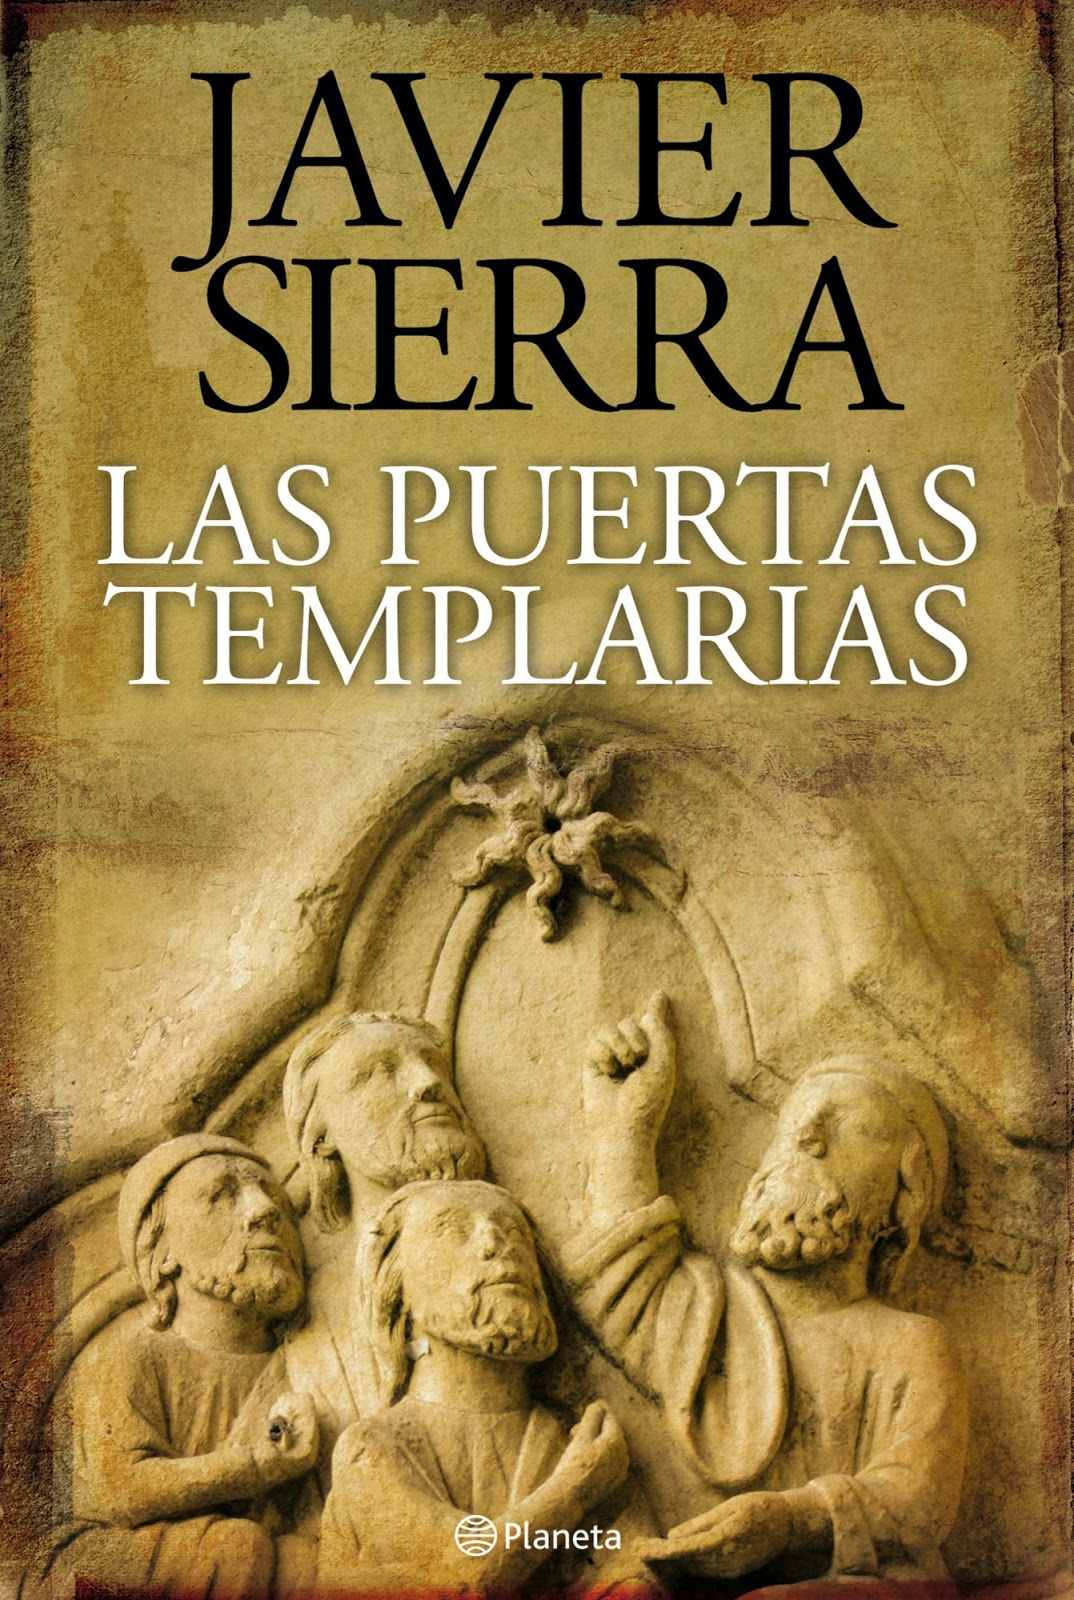 Las puertas templarias de Javier Sierra